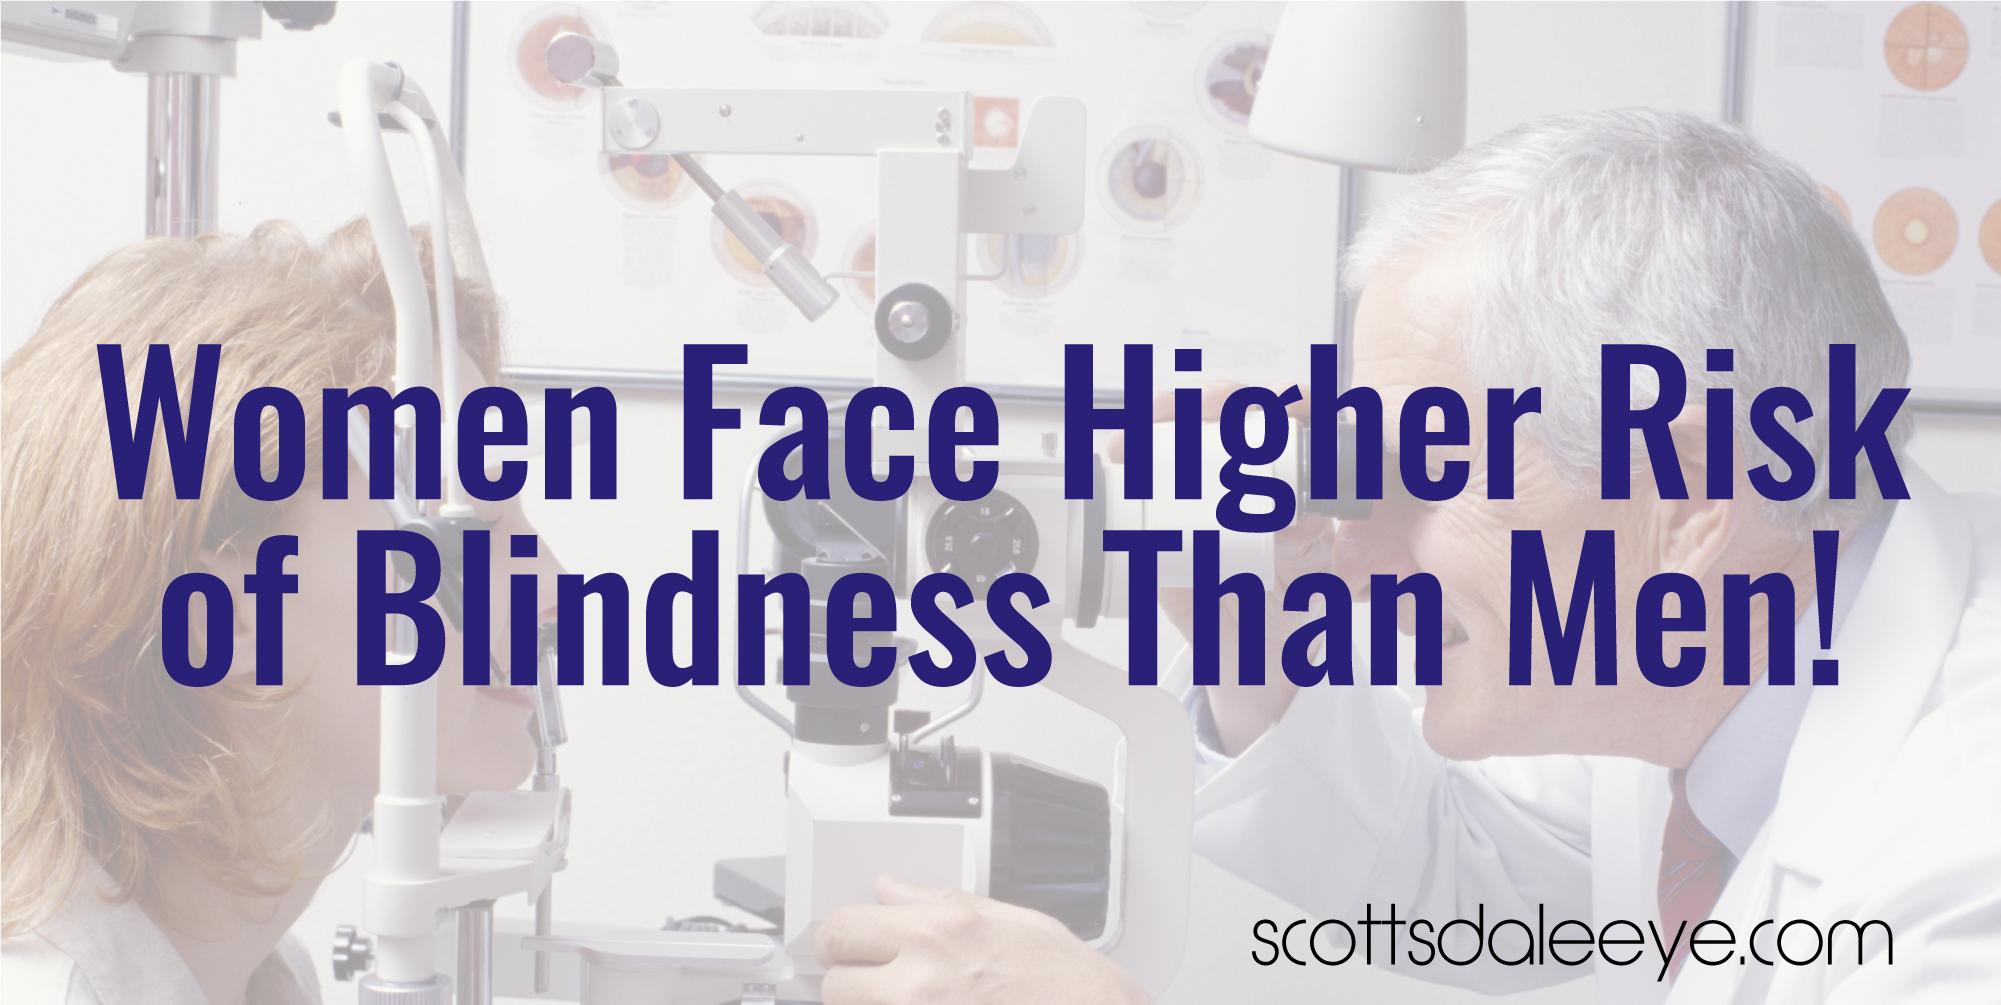 Studies Show Women Face Higher Risk of Blindness Than Men